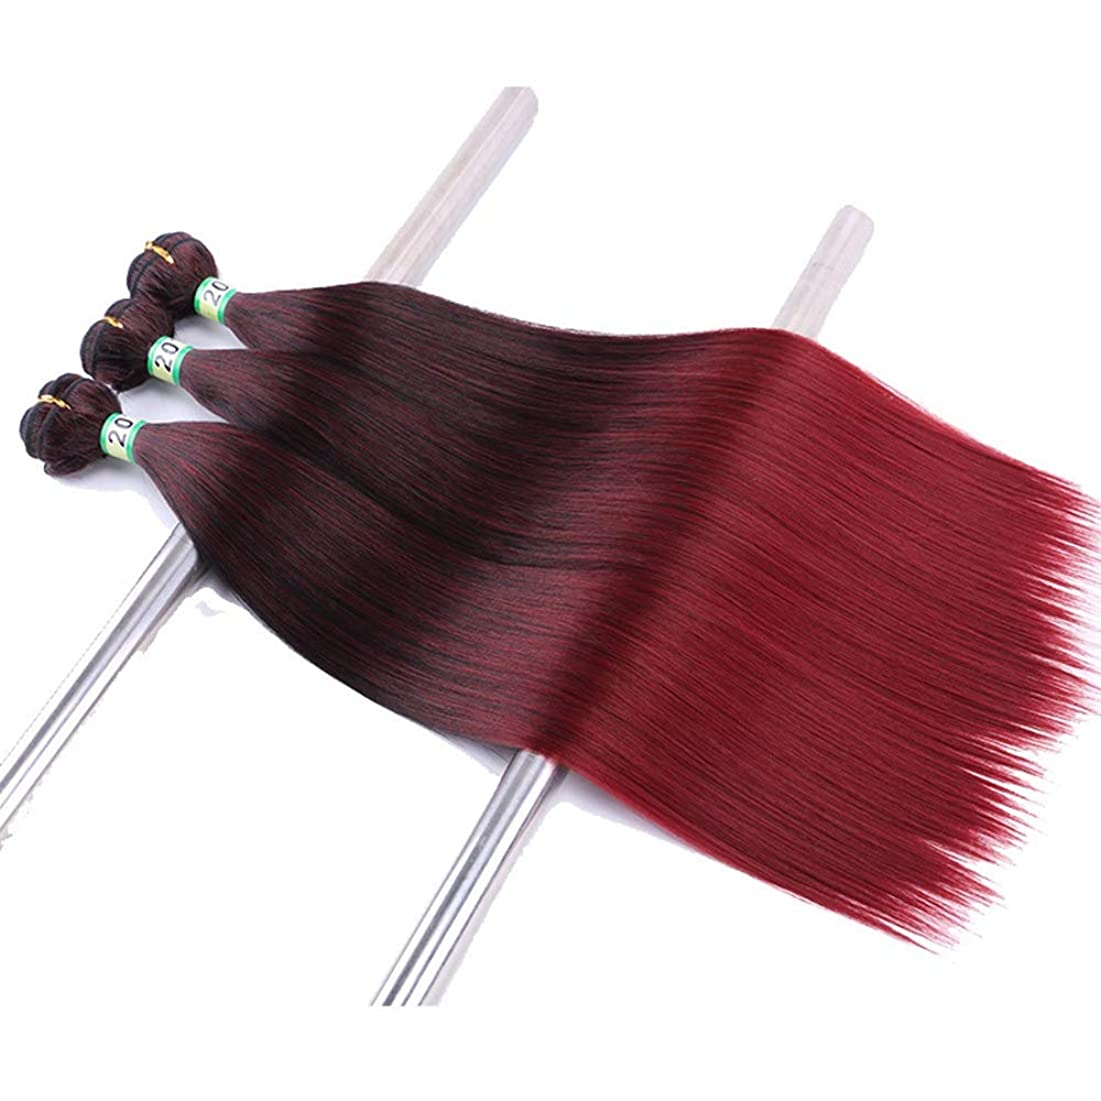 HOHYLLYA ブラジルのストレートヘアエクステンションミックスカラーグラデーション3バンドル黒ワインレッド織りナチュラル探している合成髪レースかつらロールプレイングウィッグロングとショート女性自然 (色 : ワインレッド, サイズ : 22inch)